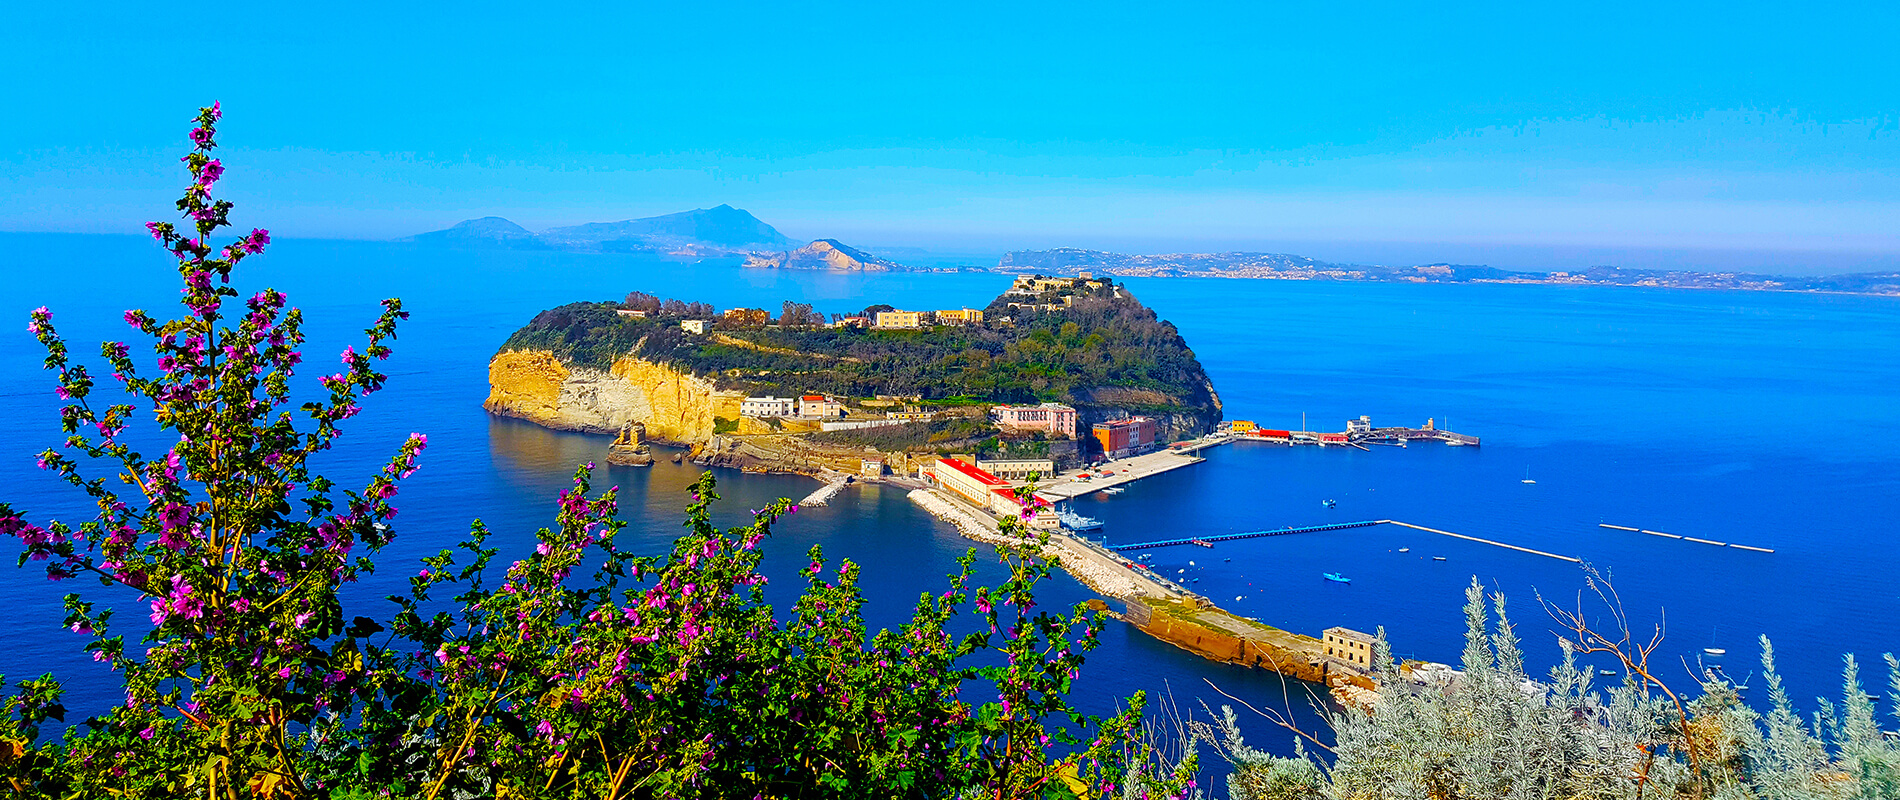 L'Isola di Nisida, l'inavvicinabile perla del Golfo di Napoli